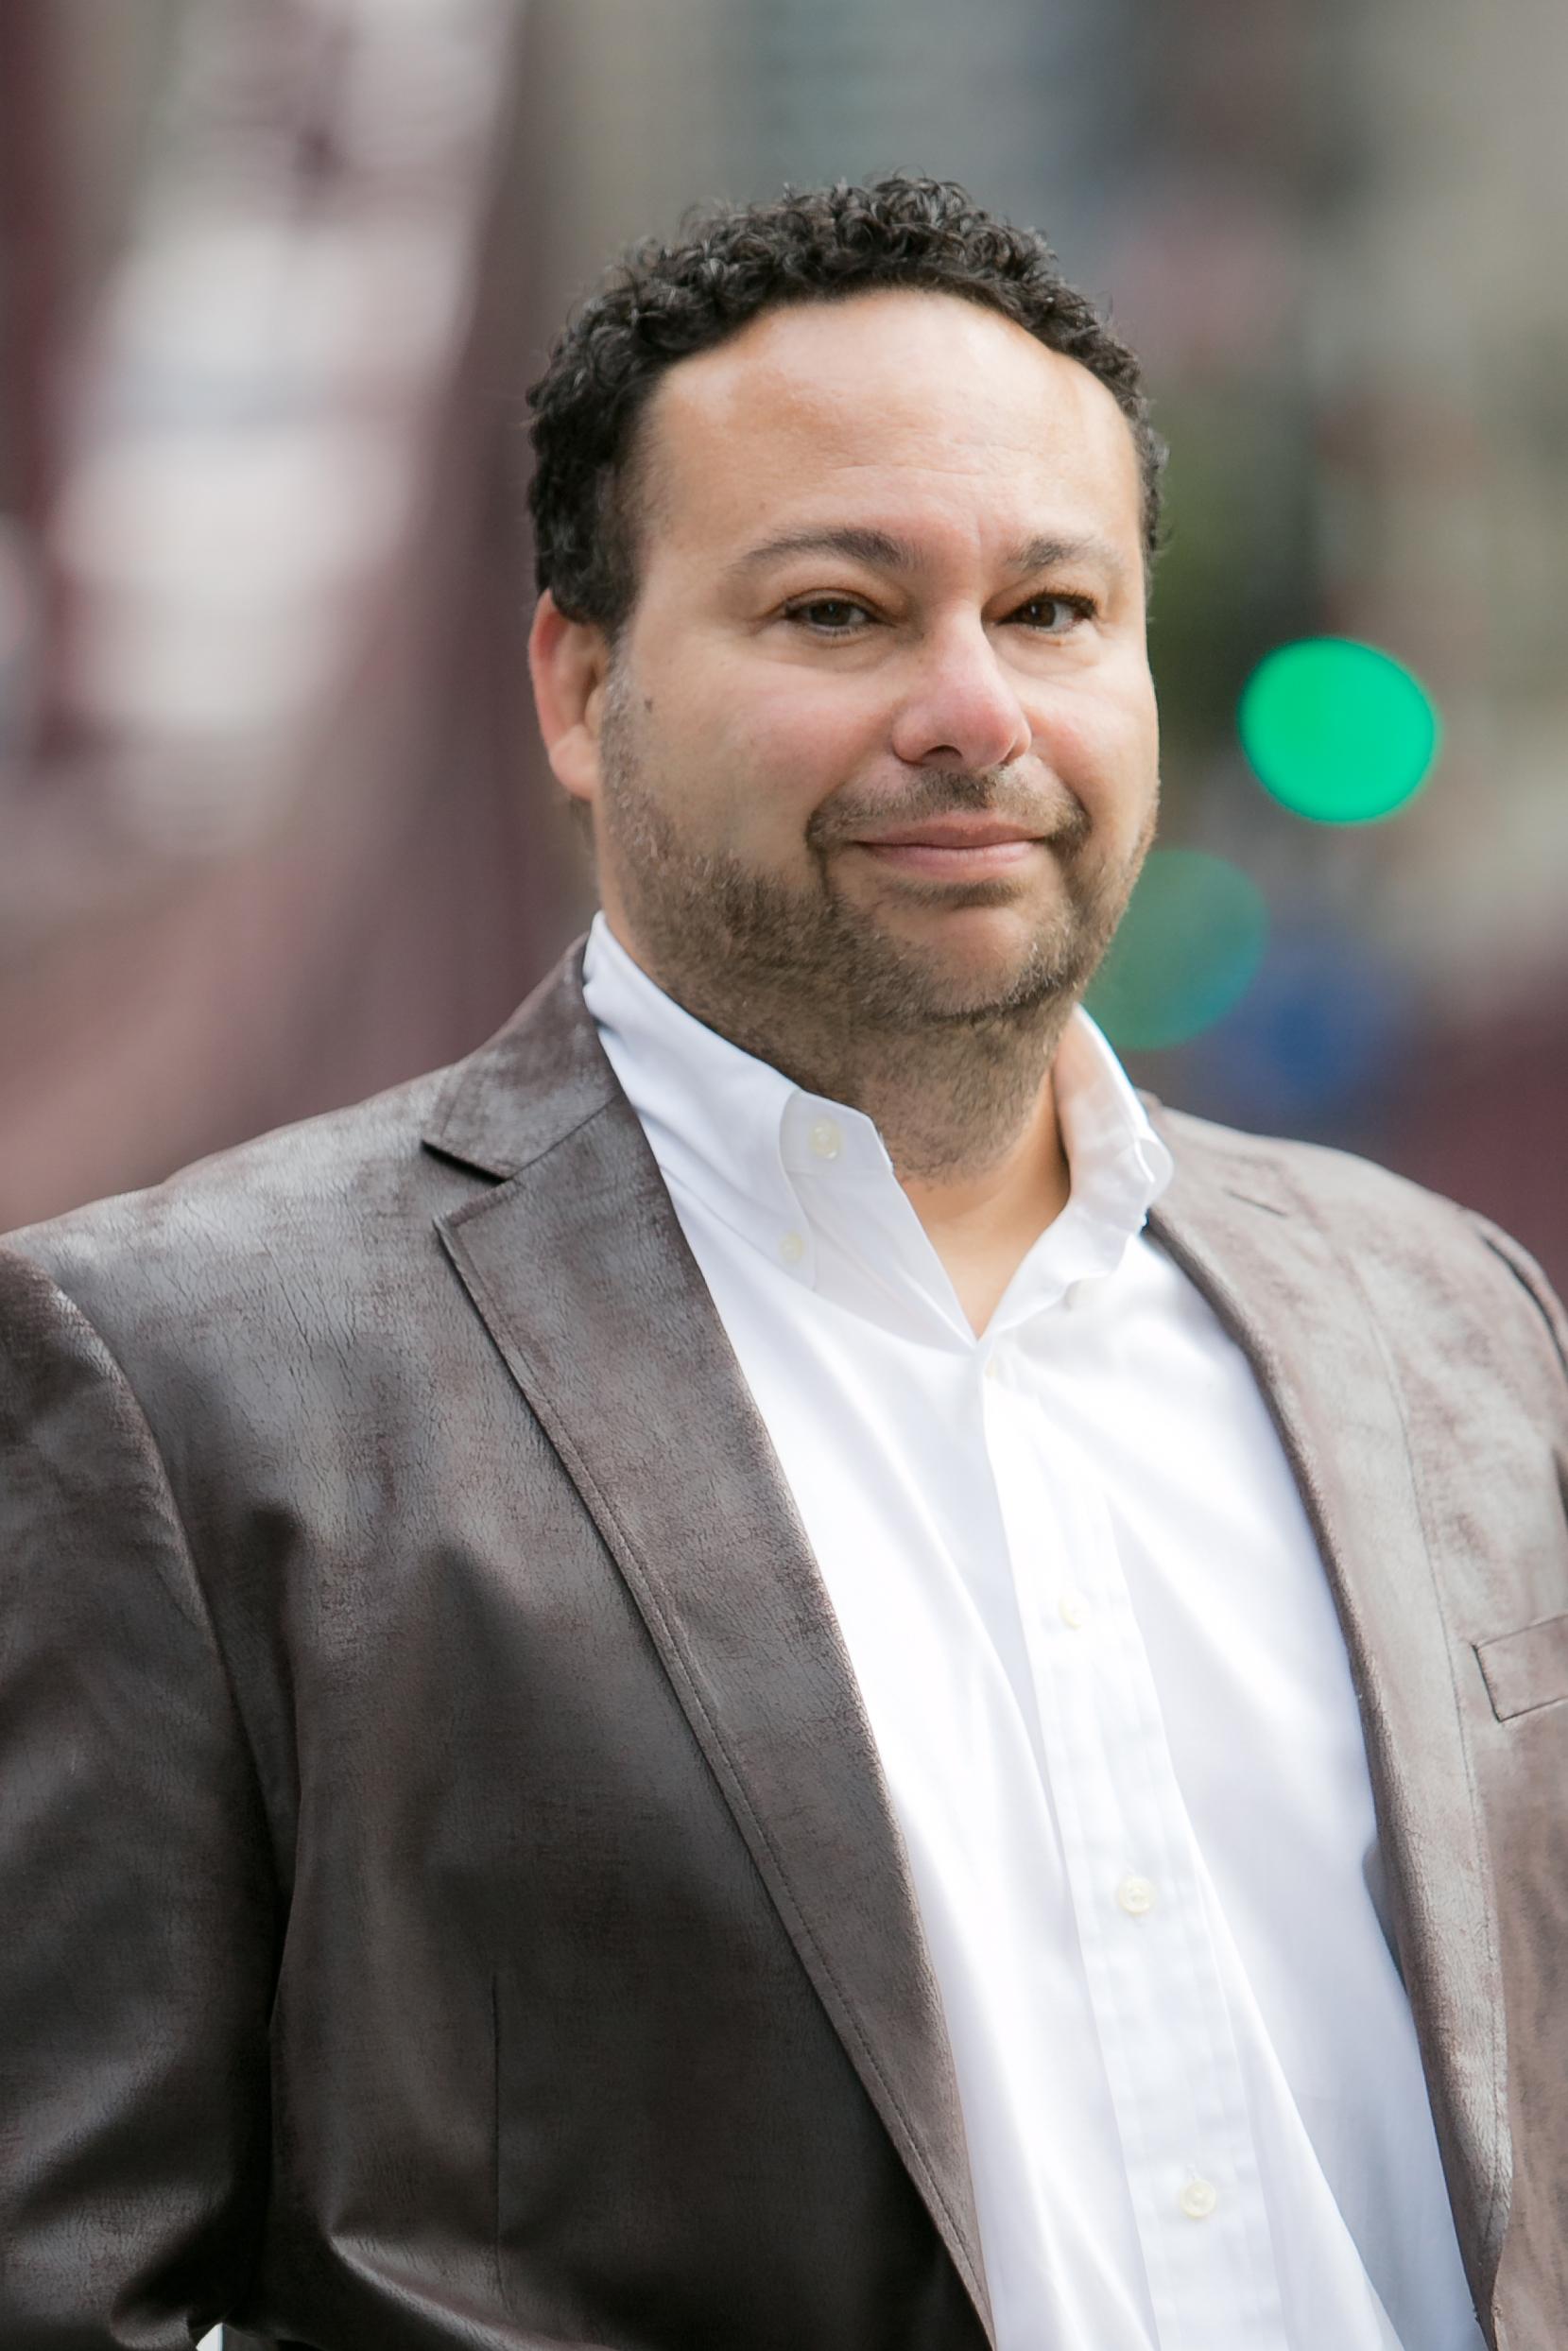 Joe Anzelmo